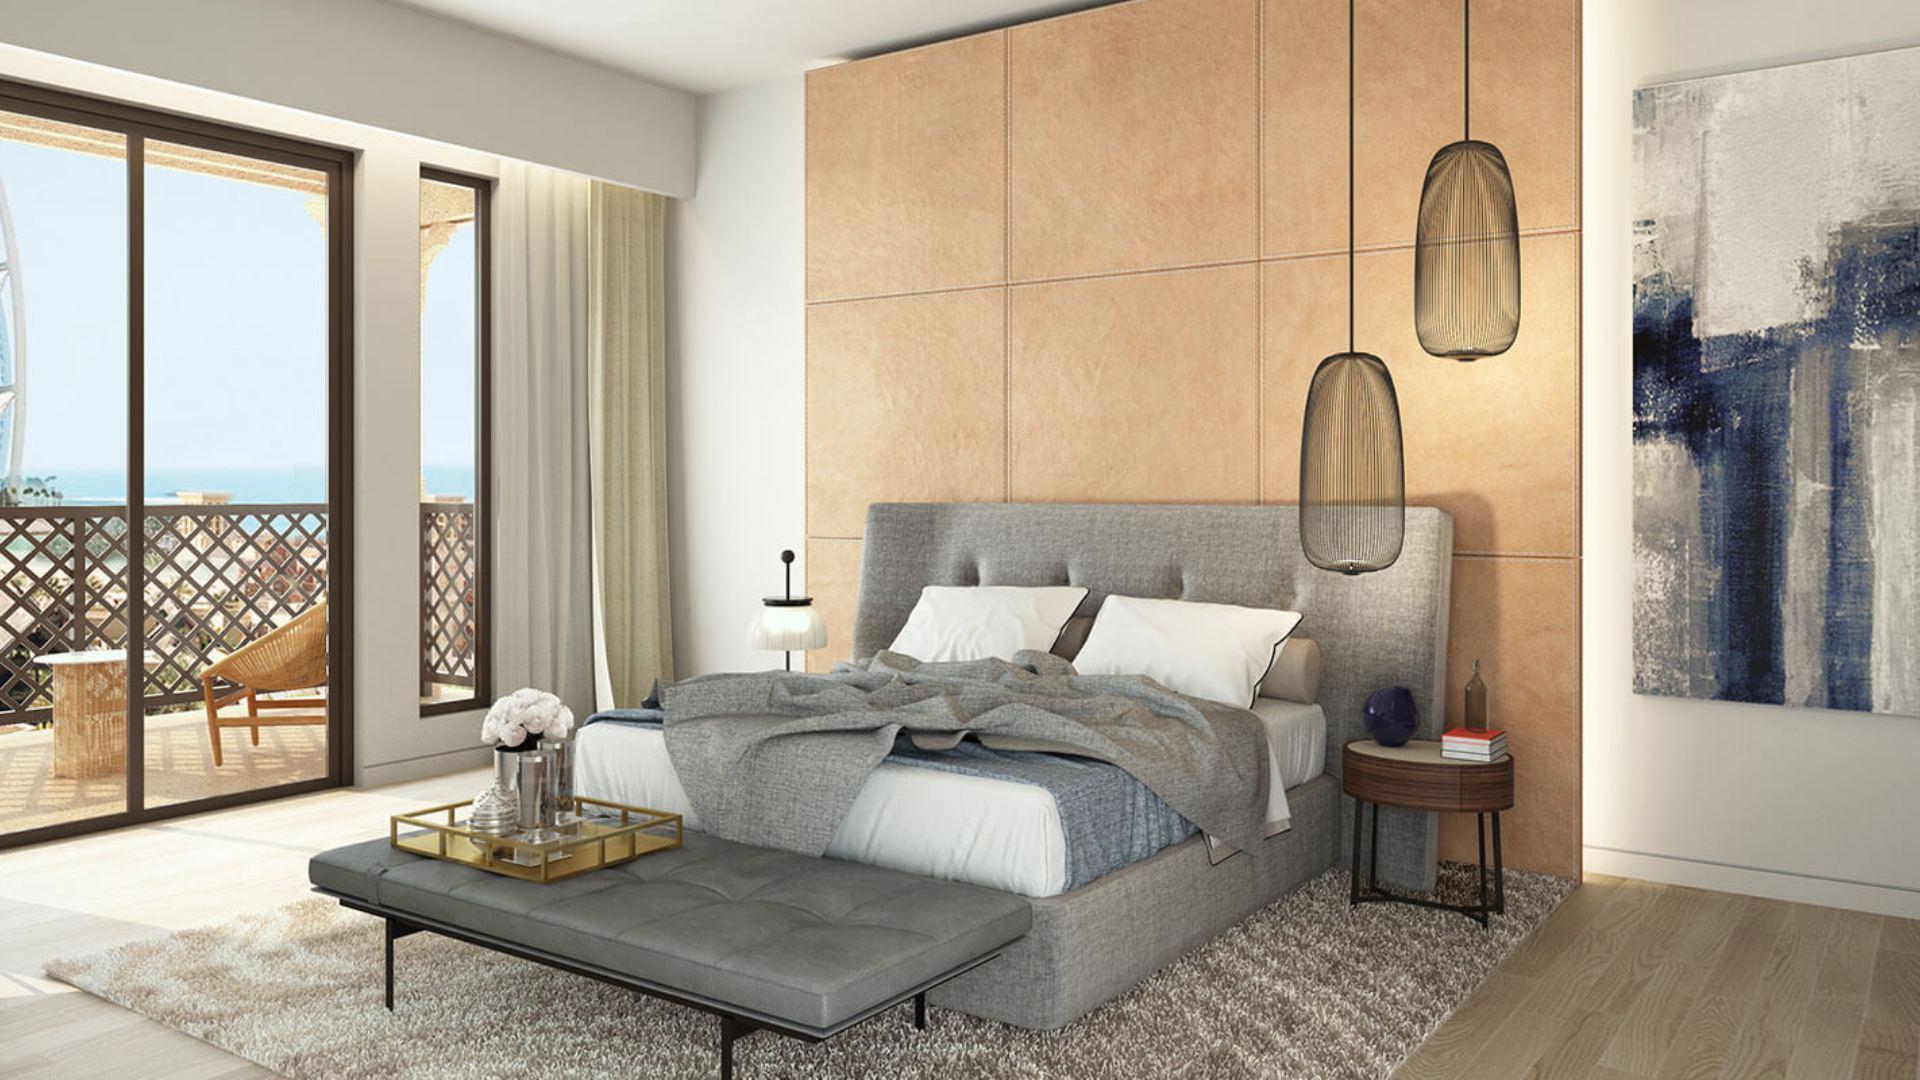 Ático en venta en Dubai, EAU, 4 dormitorios, 317 m2, № 24296 – foto 1